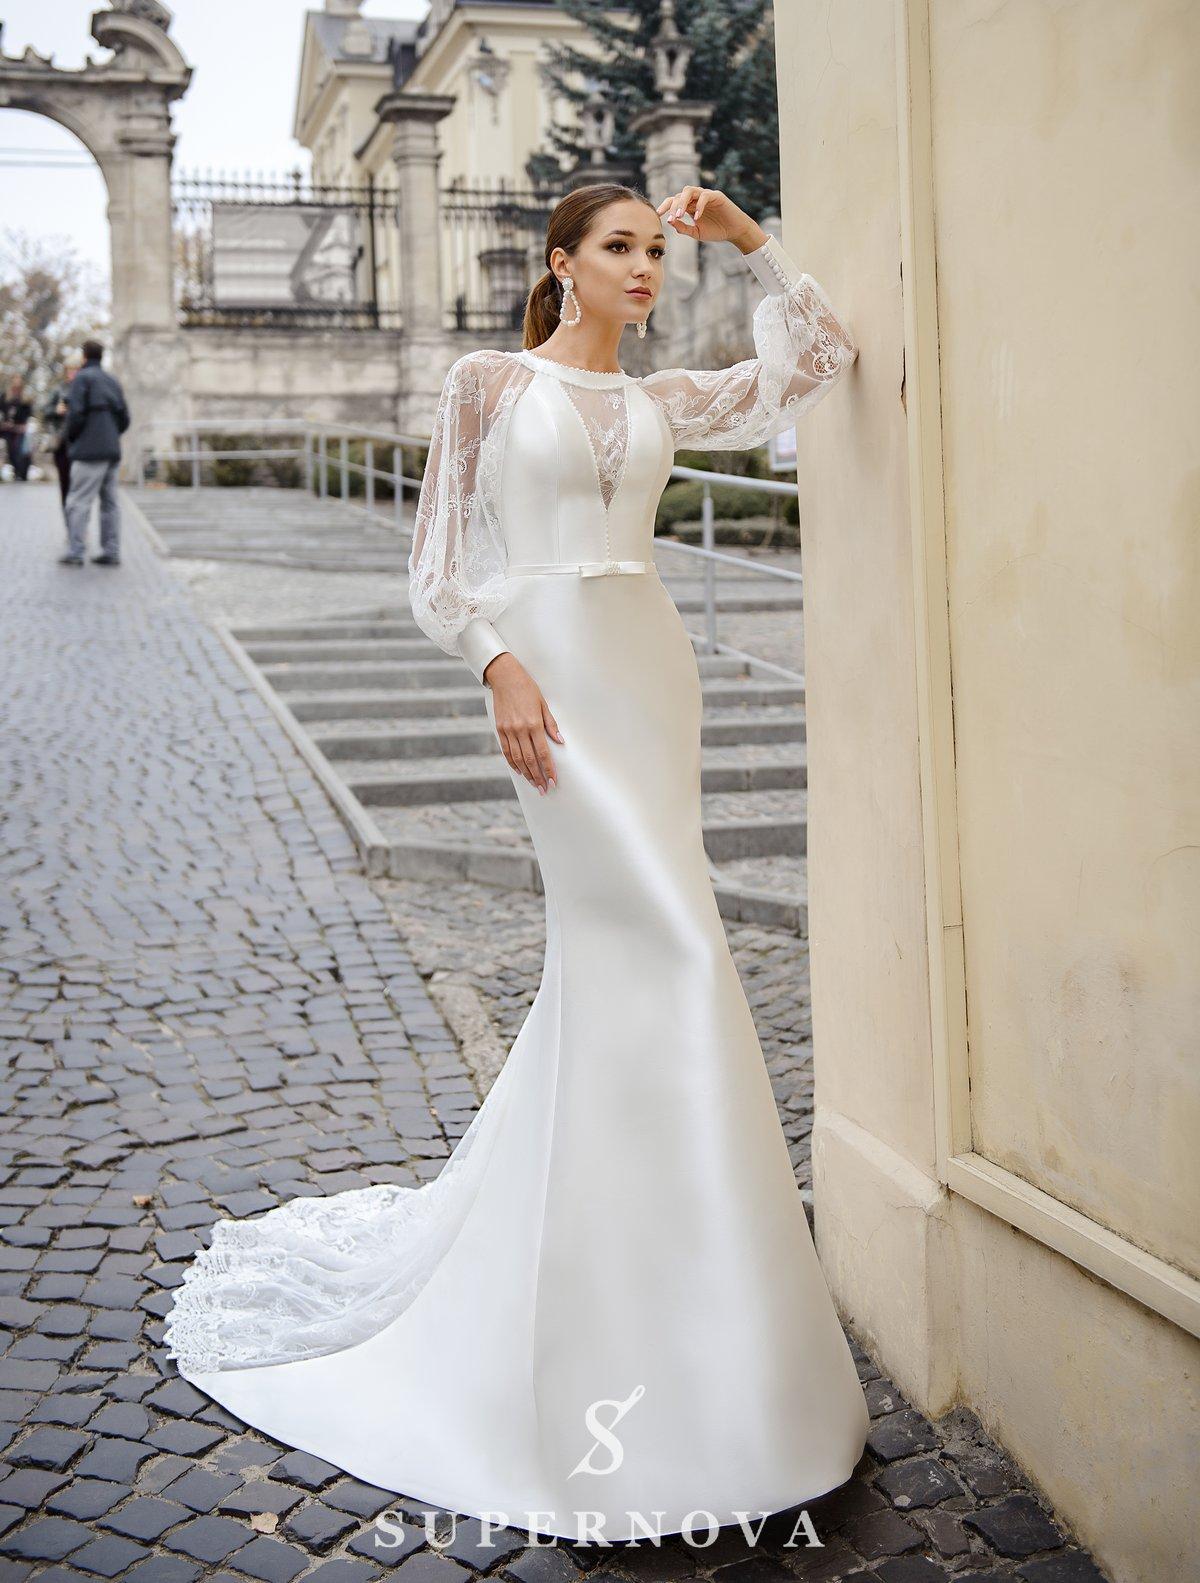 Облягаючі весільні сукні оптом - привабливість жіночого образу 968271bd36bac